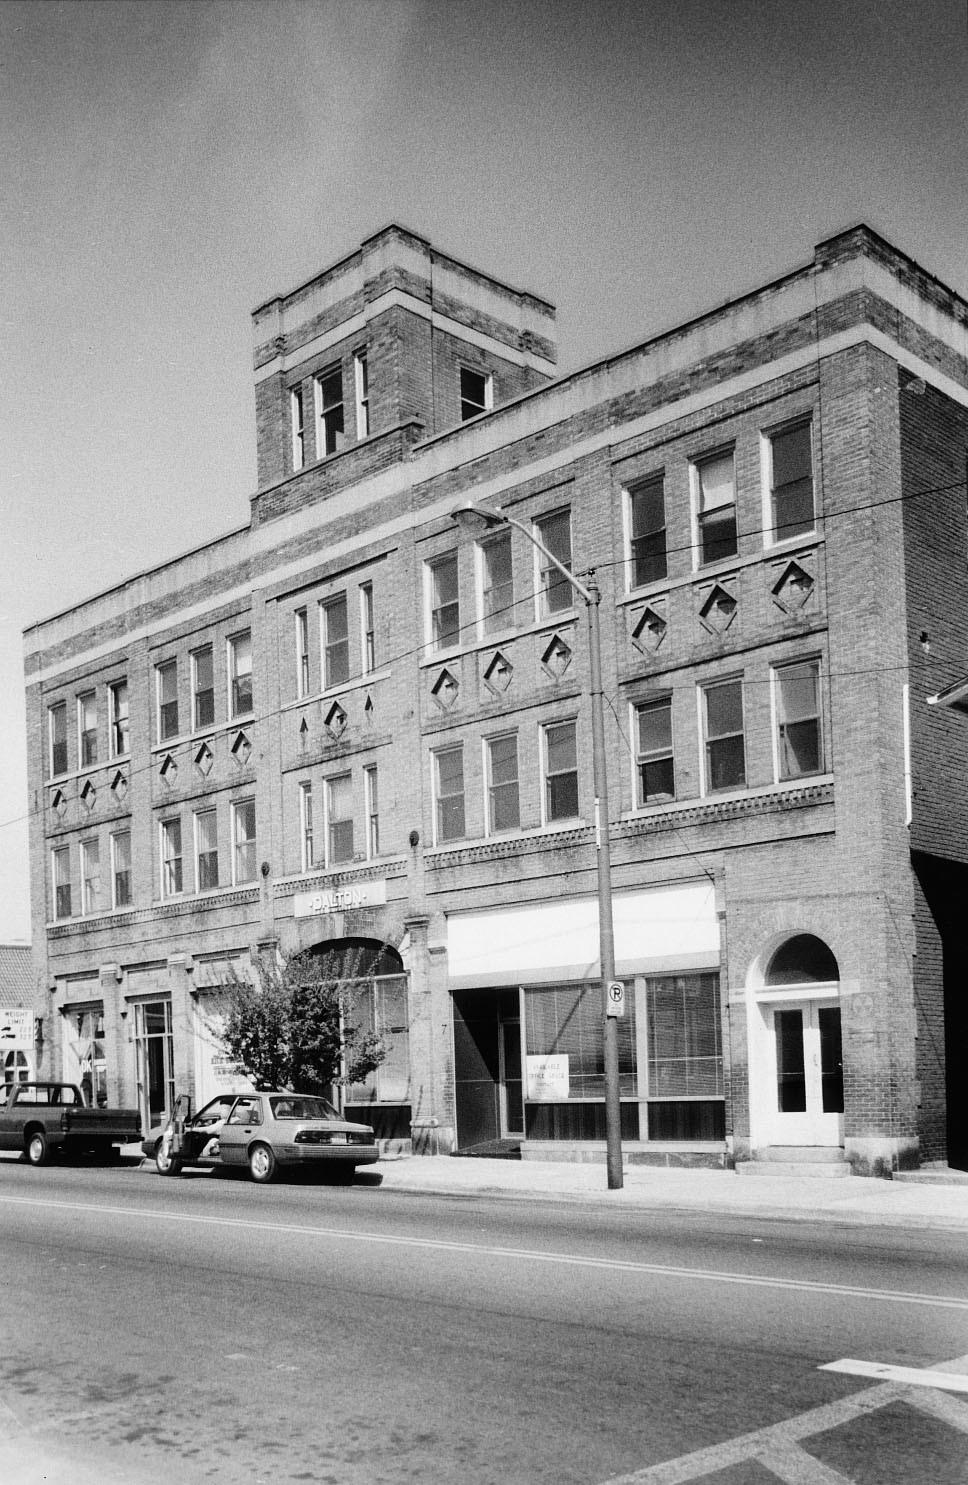 Dalton Theatre Building